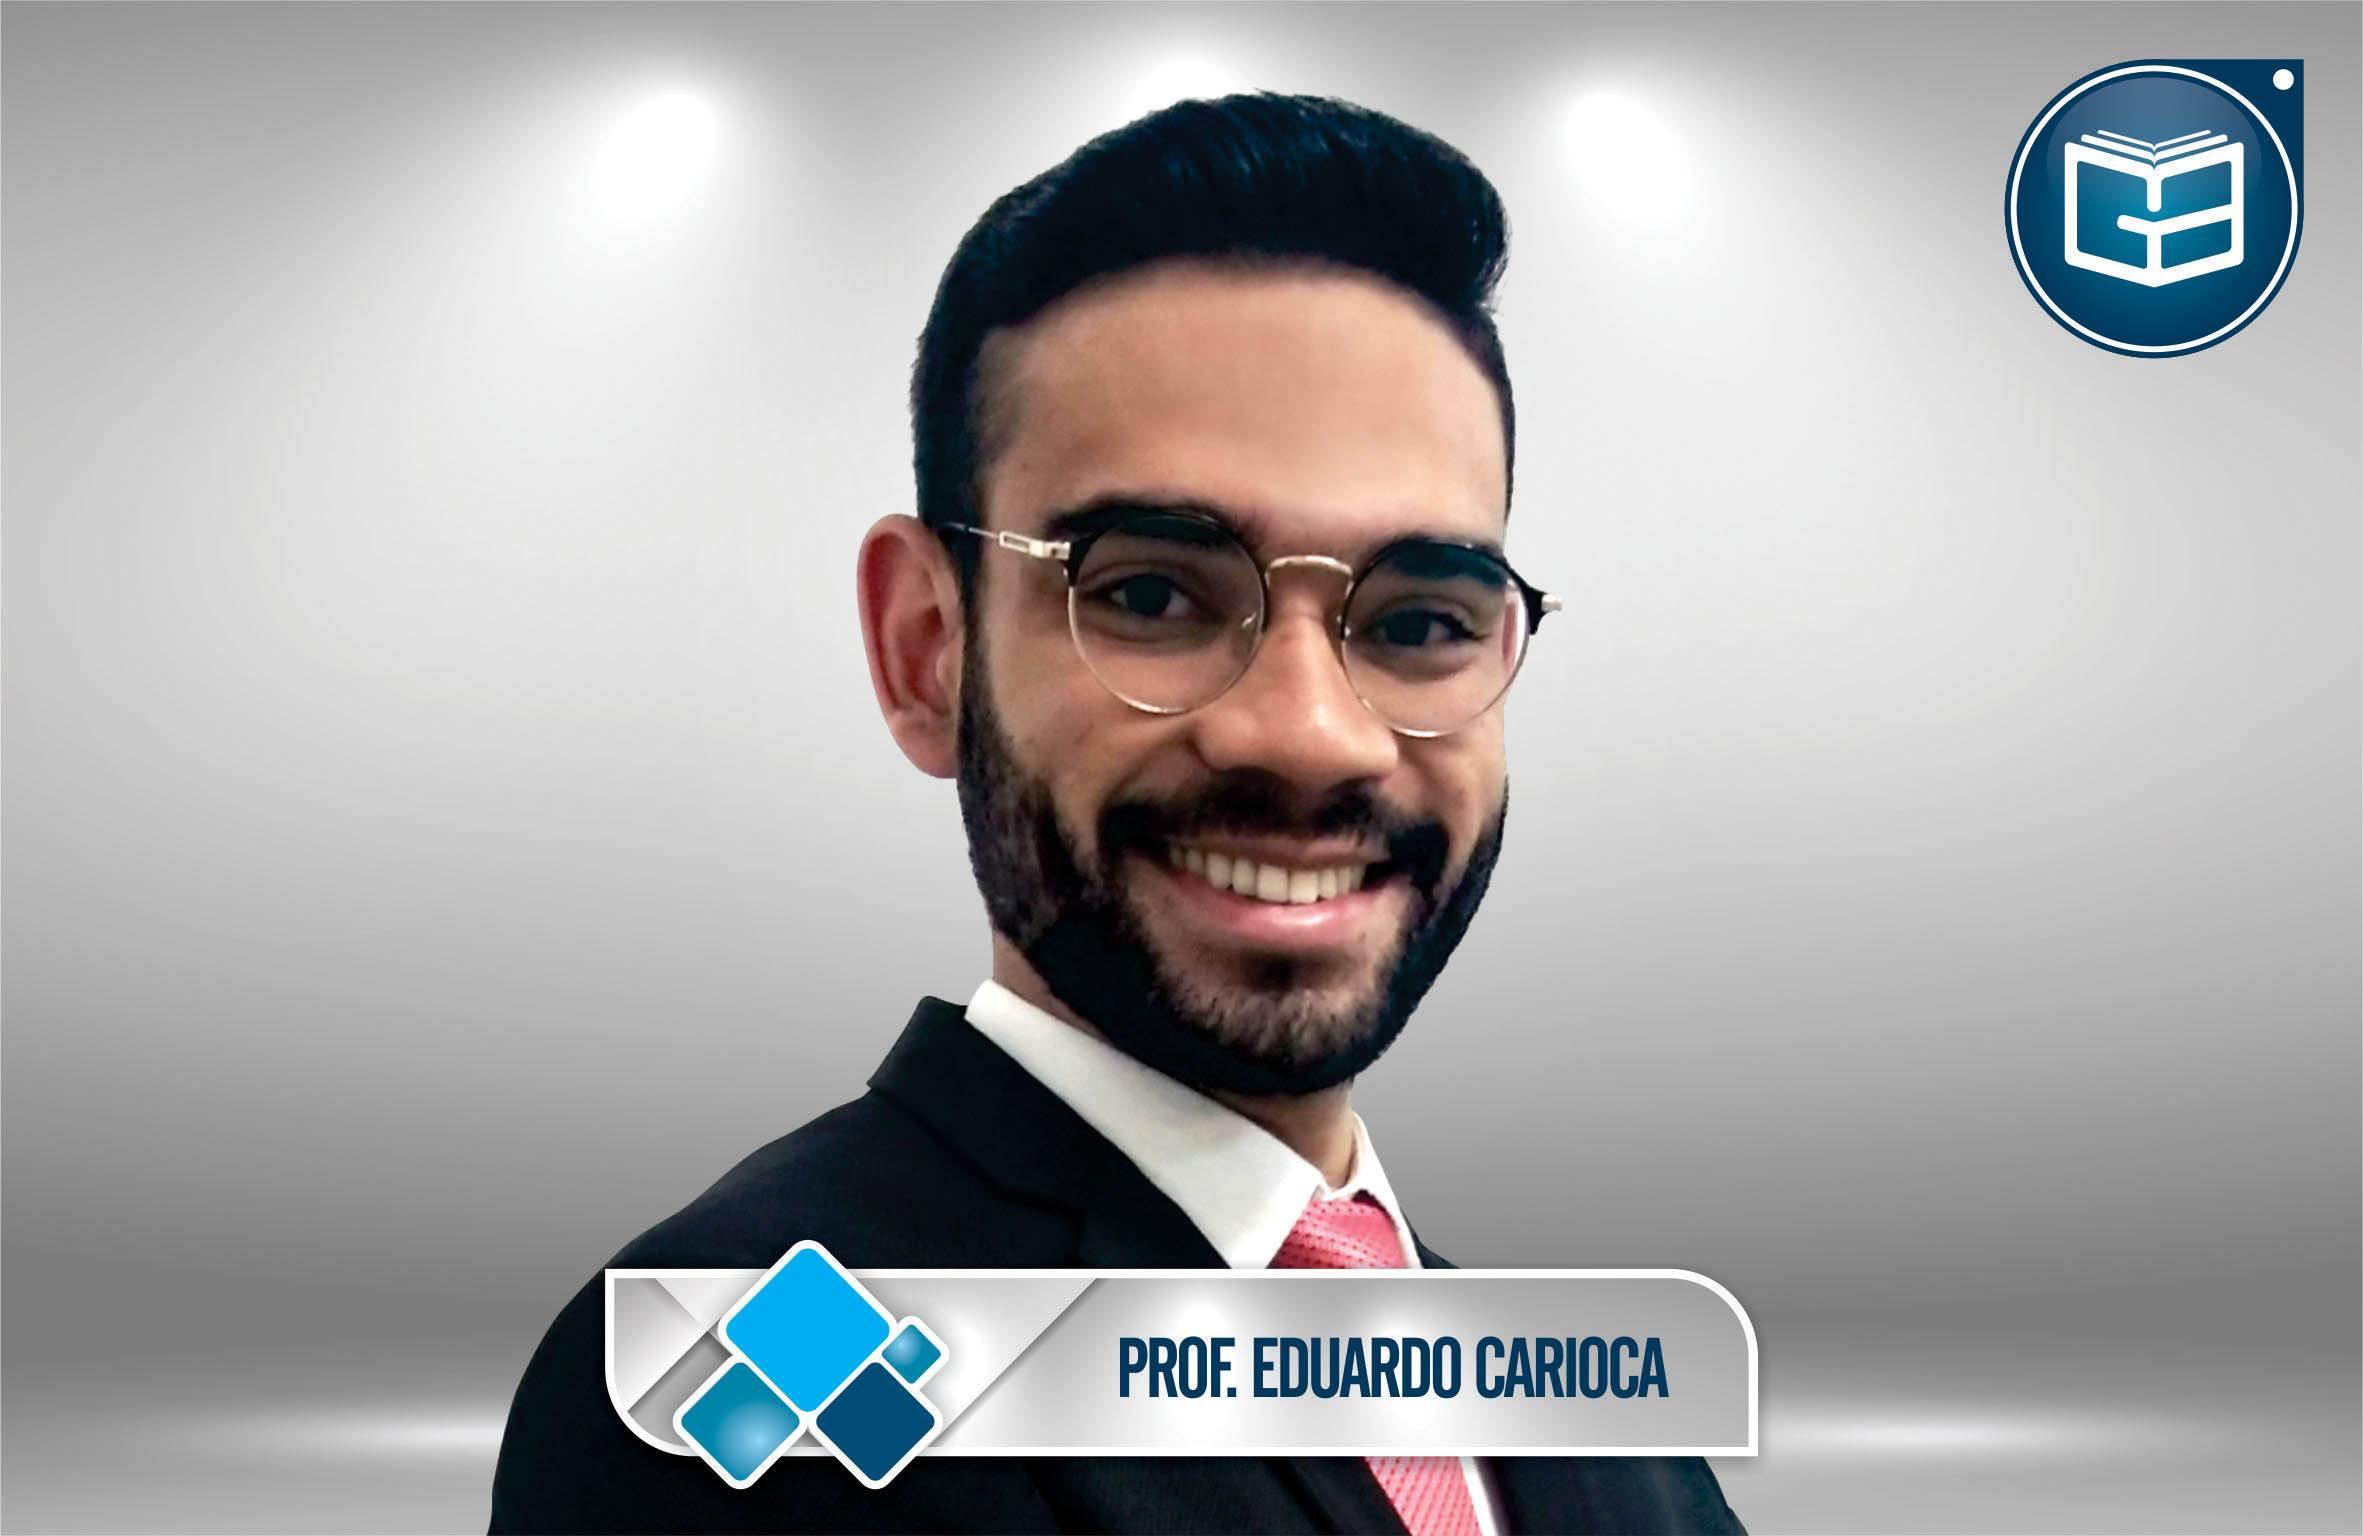 Ética no Serviço Público - Professor Eduardo Carioca